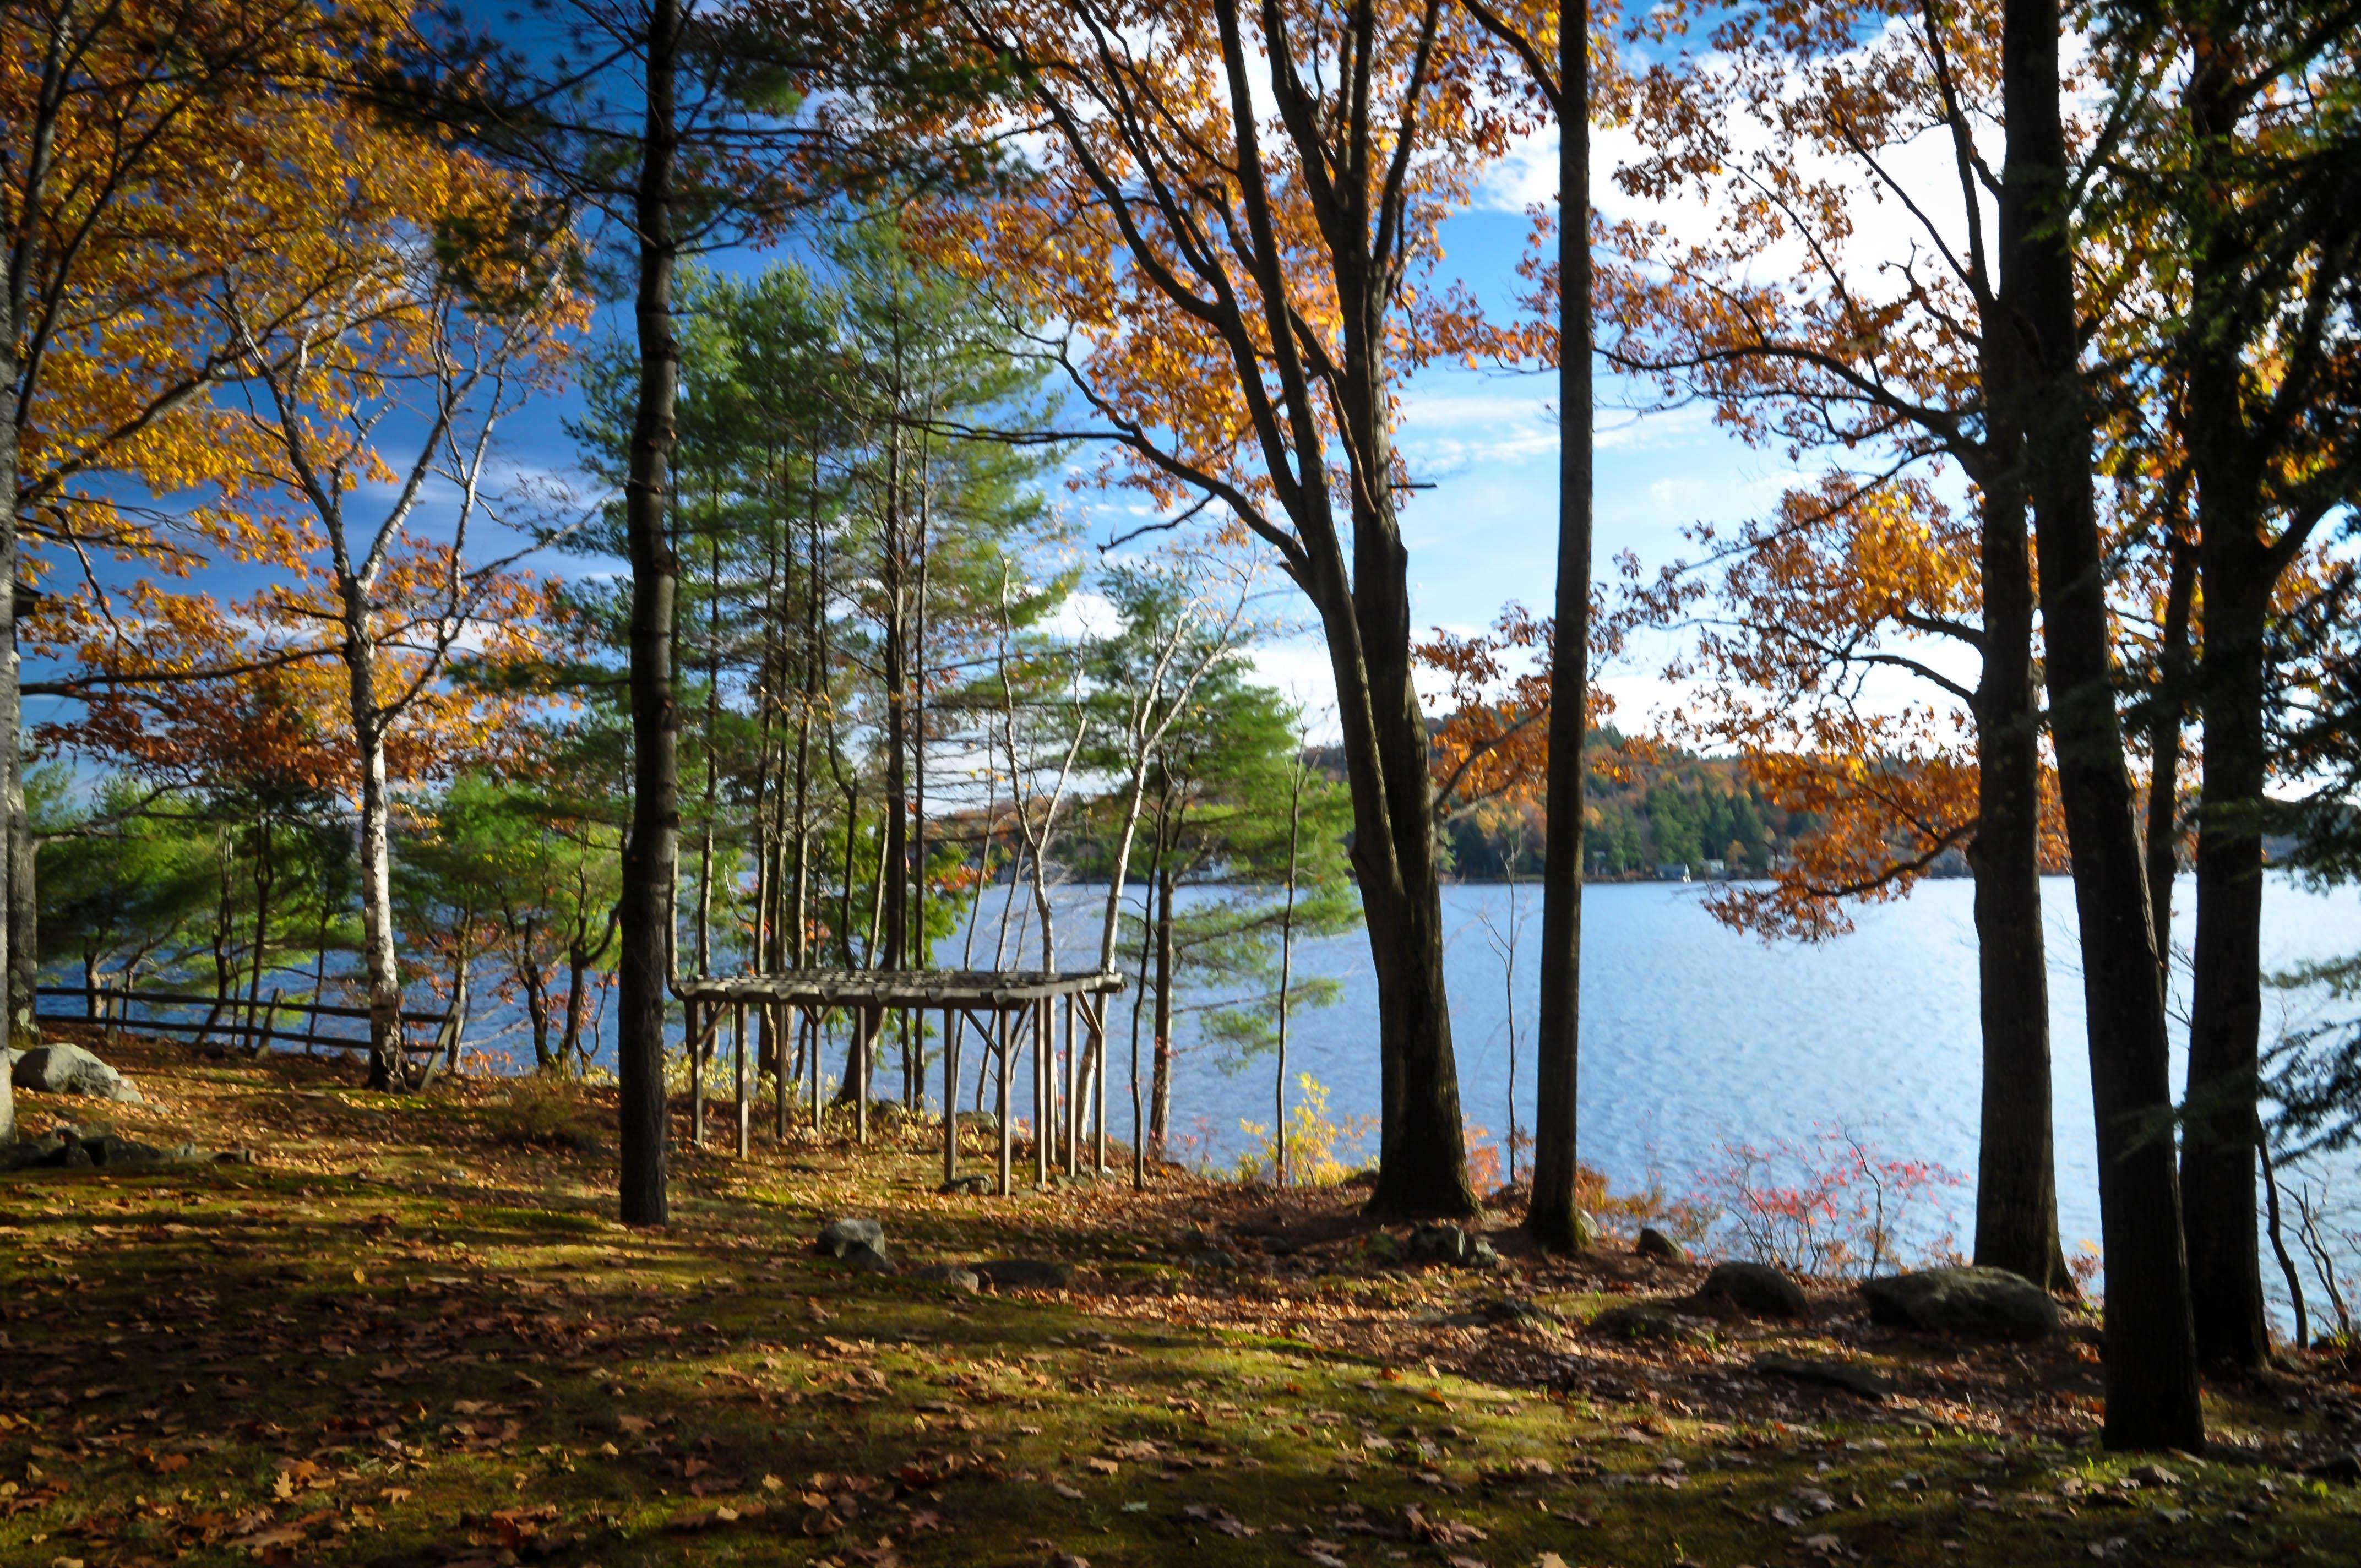 Các loại nhà khác vì Bán tại Exclusive Garnet Hil 26 Garnet Hill Rd Sunapee, New Hampshire 03782 Hoa Kỳ